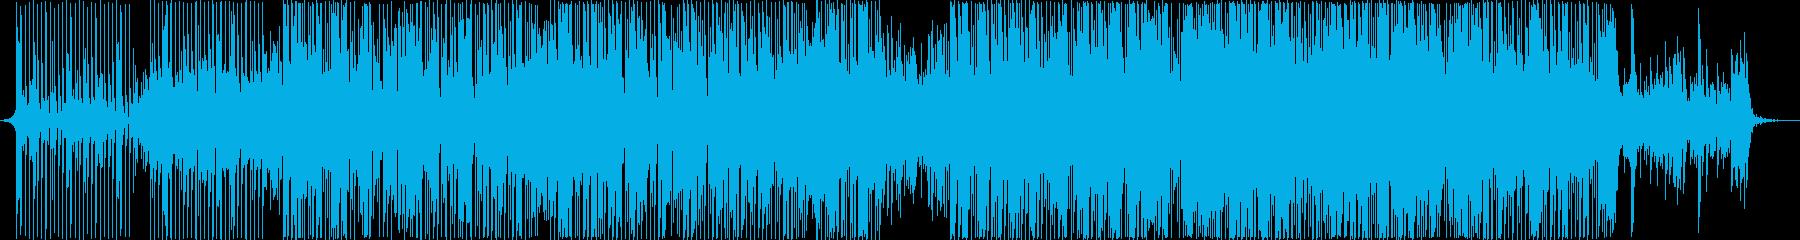 おしゃれな女性ボーカル 洋楽ポップスの再生済みの波形